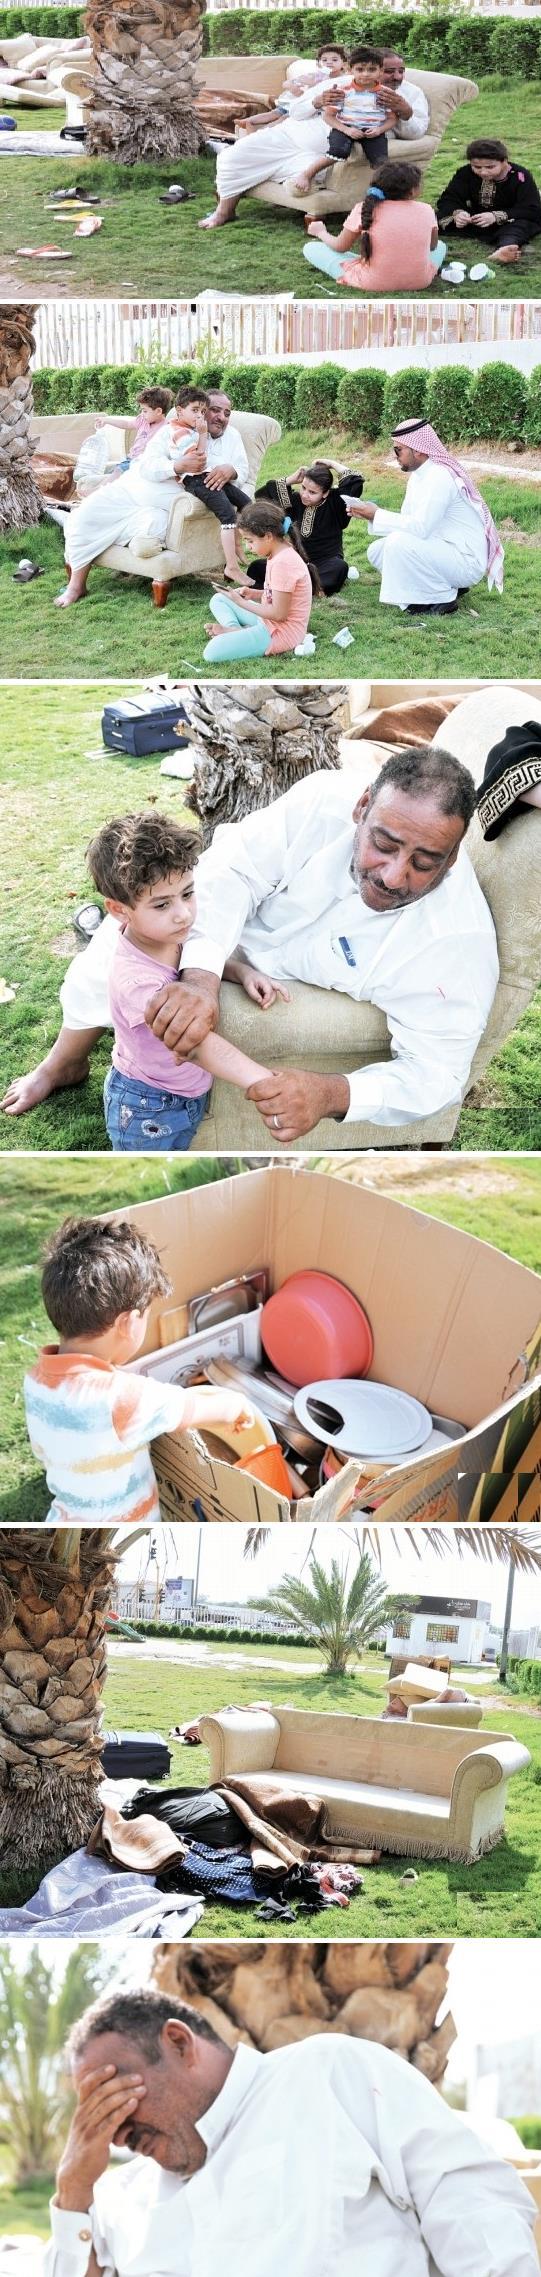 بالصور.. أسرة سعودية أفراد تفترش dd21dd11-9f24-48f5-8